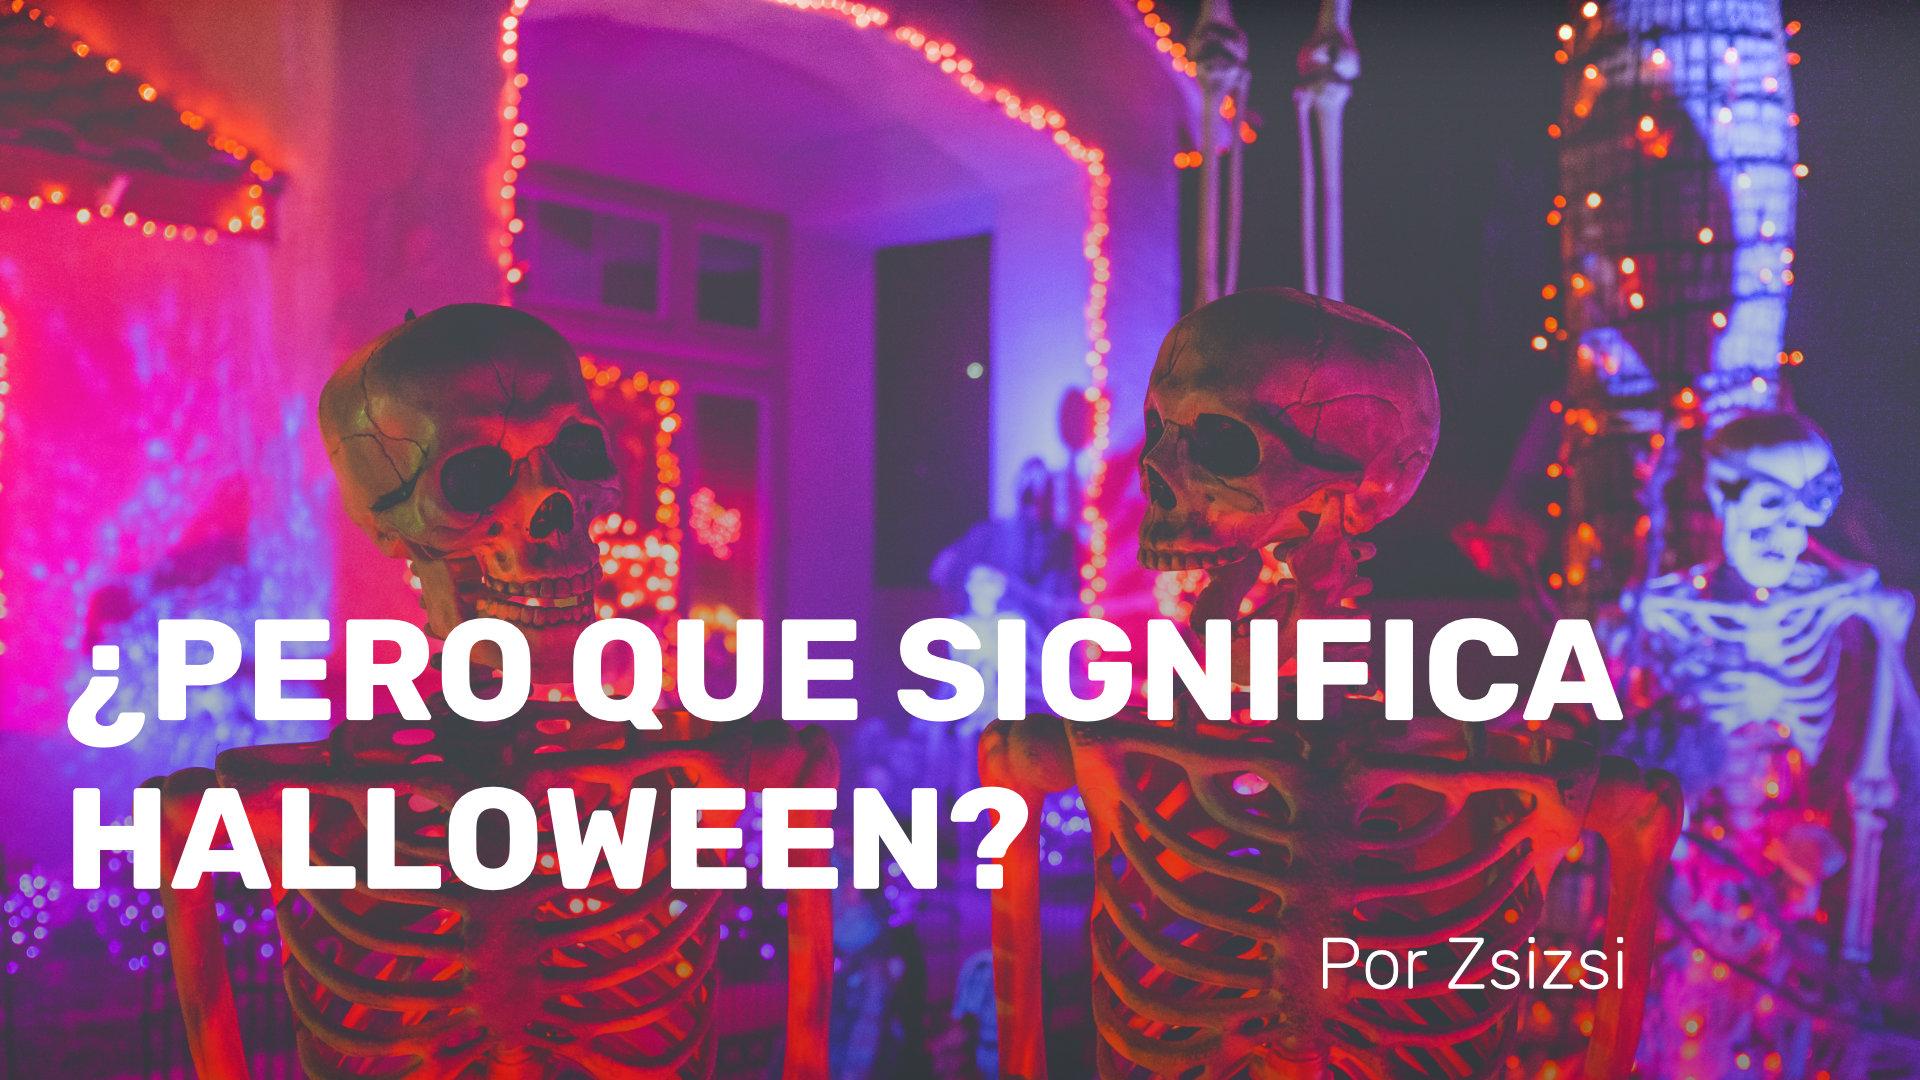 ¿Pero qué significa Halloween?